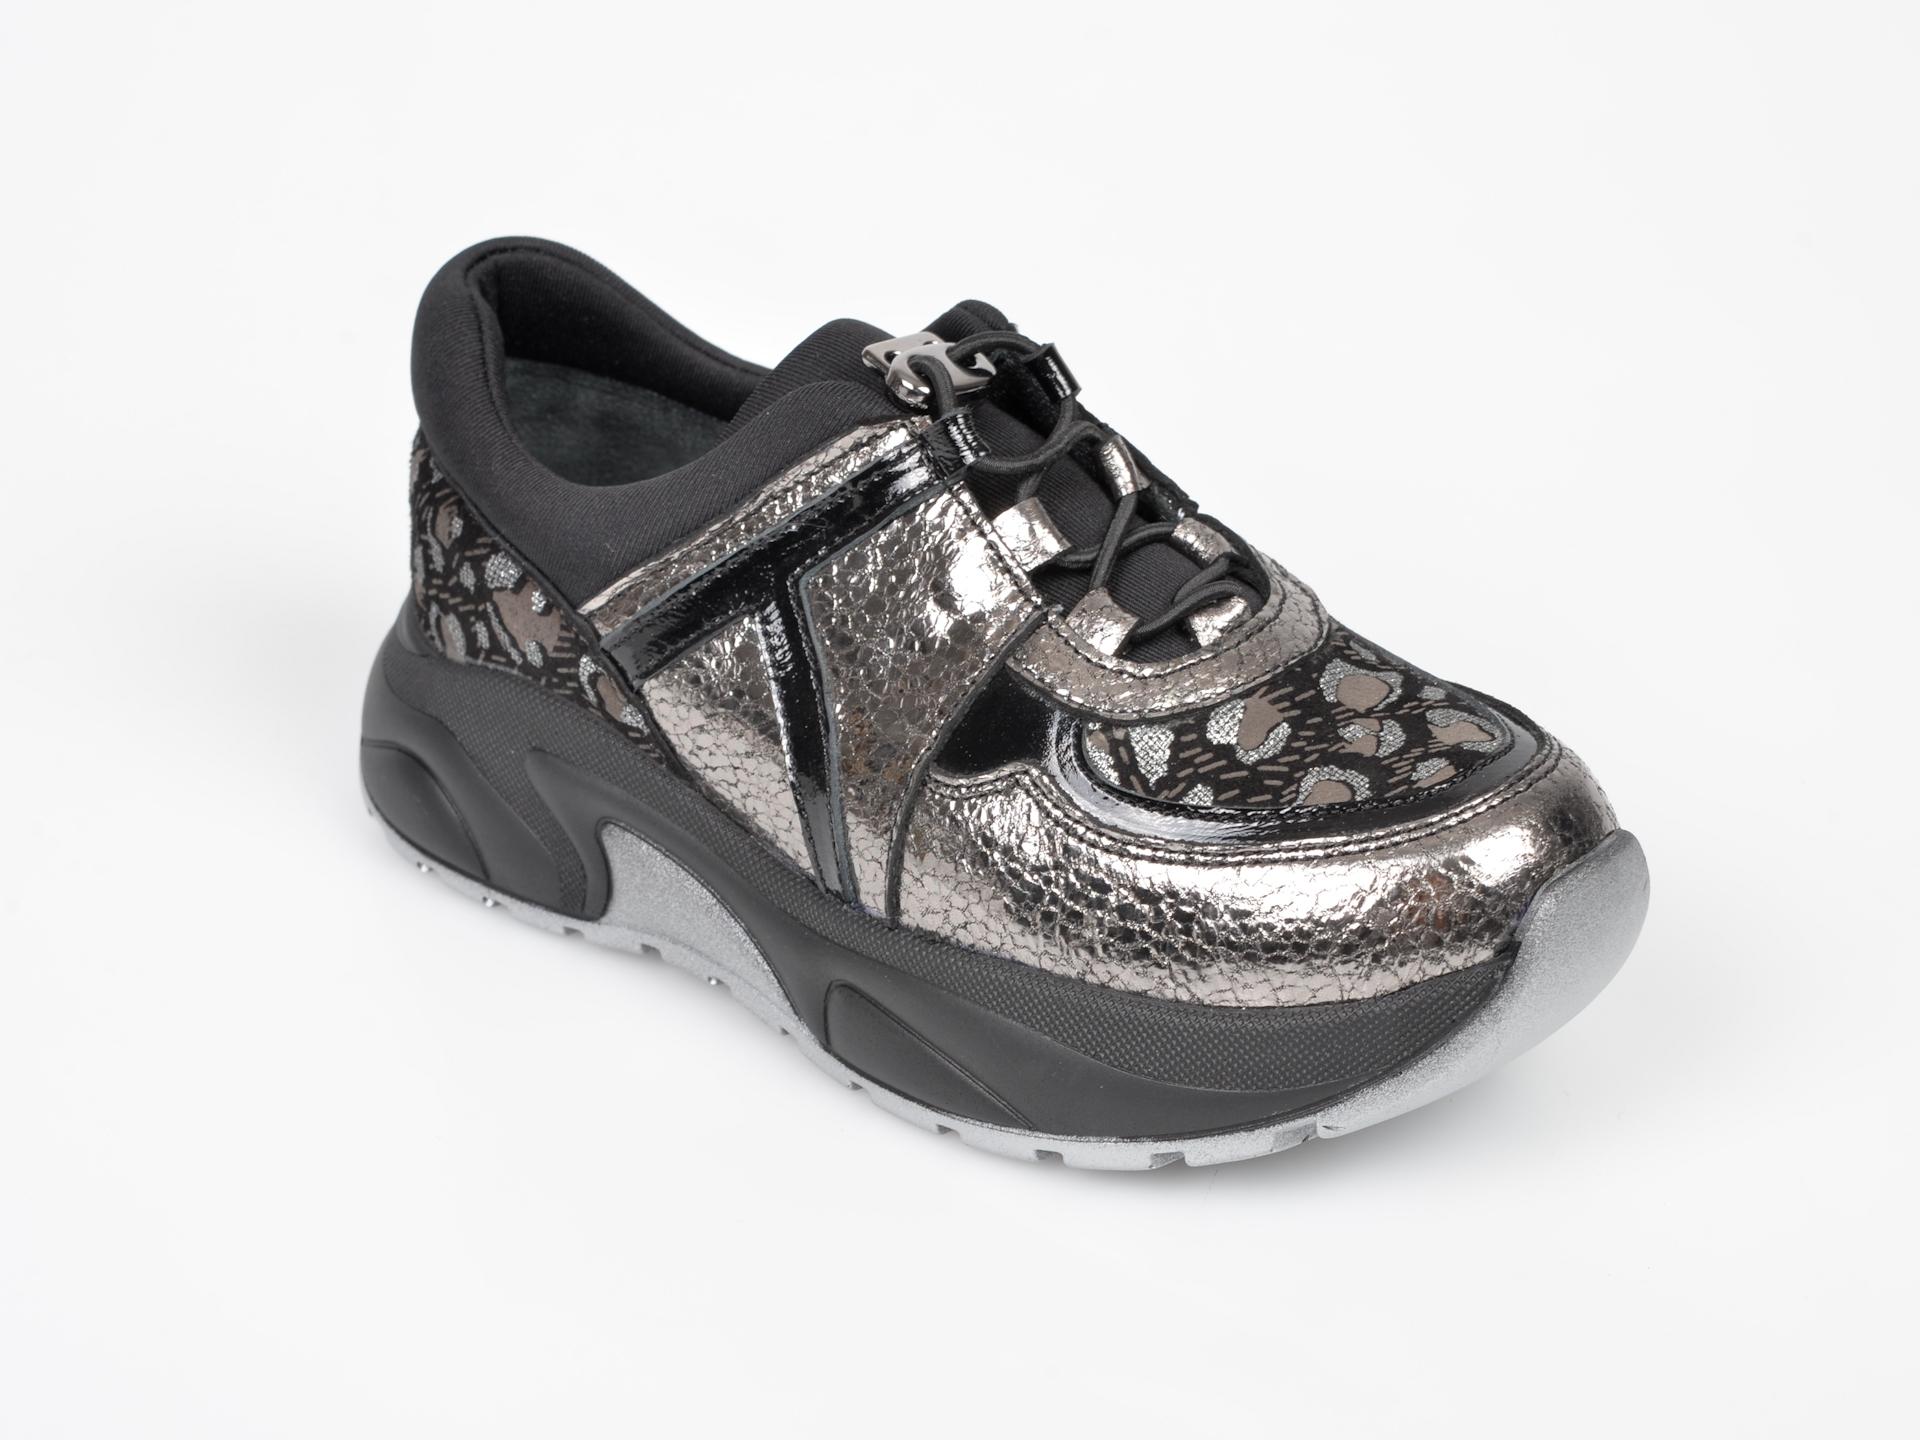 Pantofi Selections Kids Argintii, 3448, Din Piele Naturala